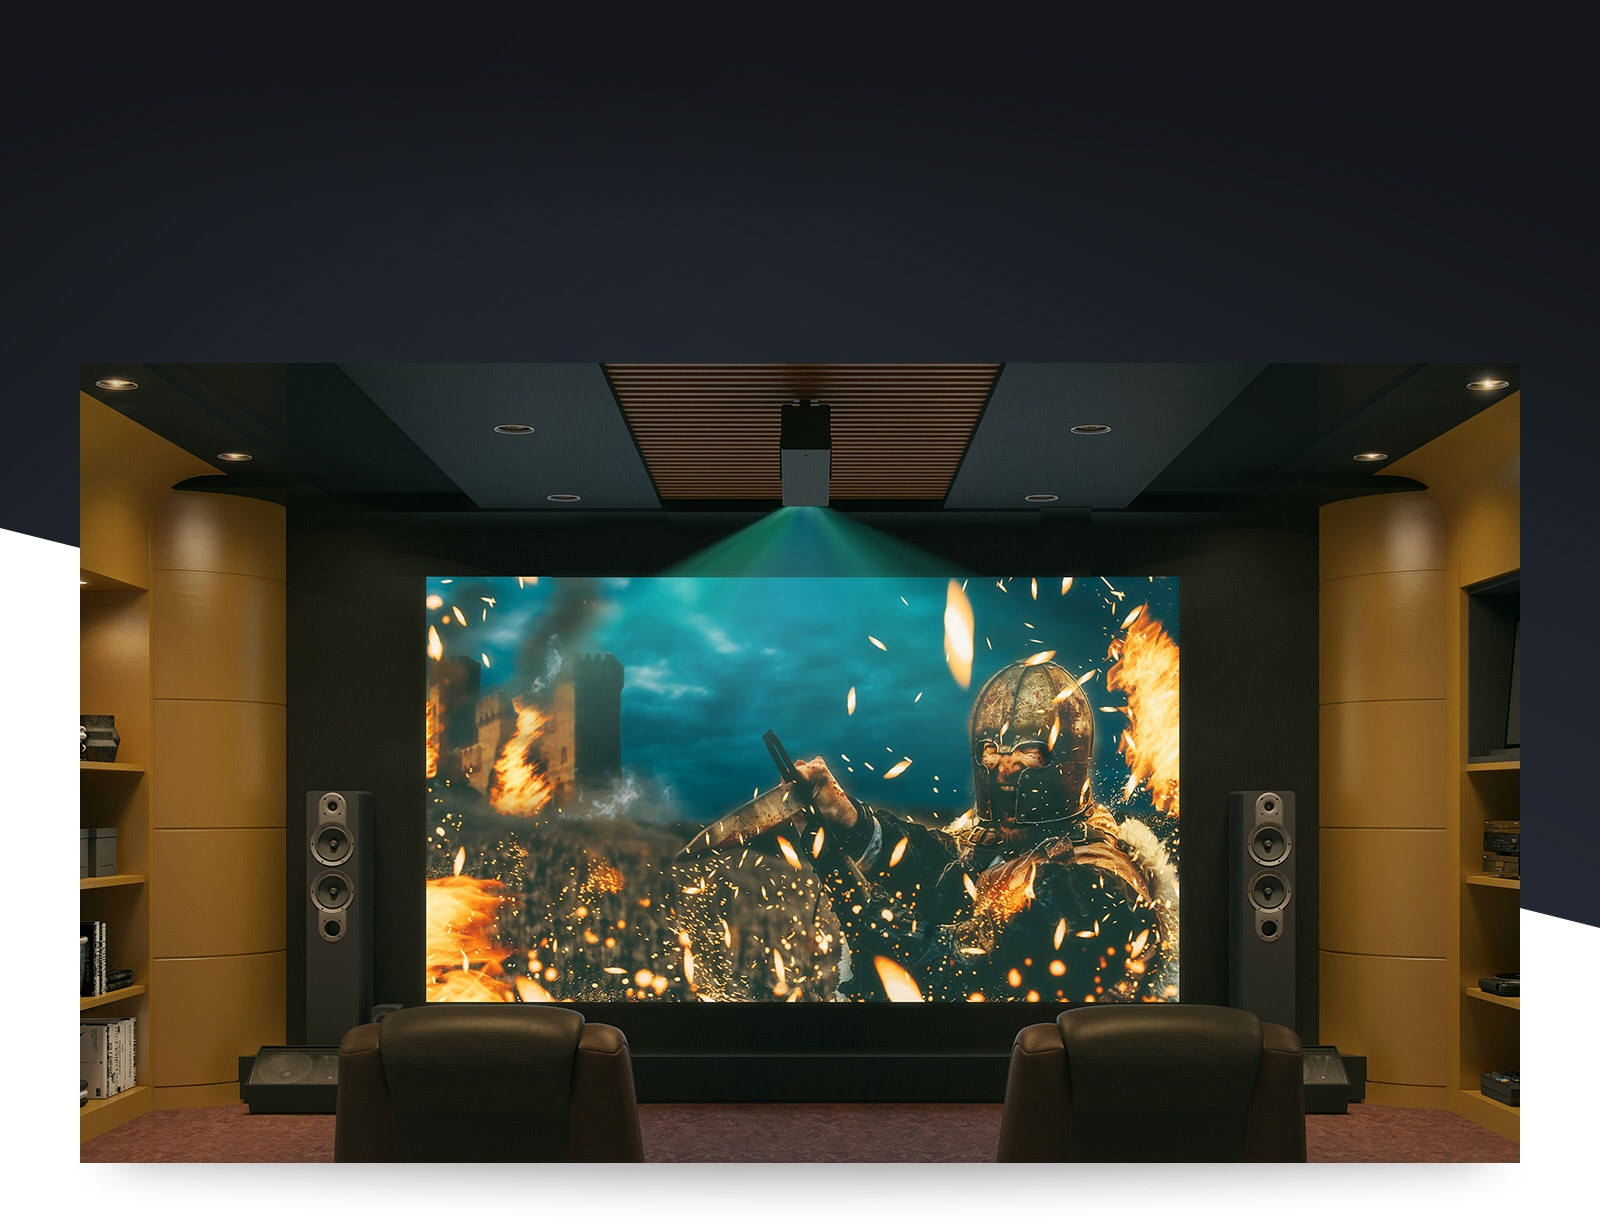 Best projectors 2020: Full HD, 4K, portable, short throw